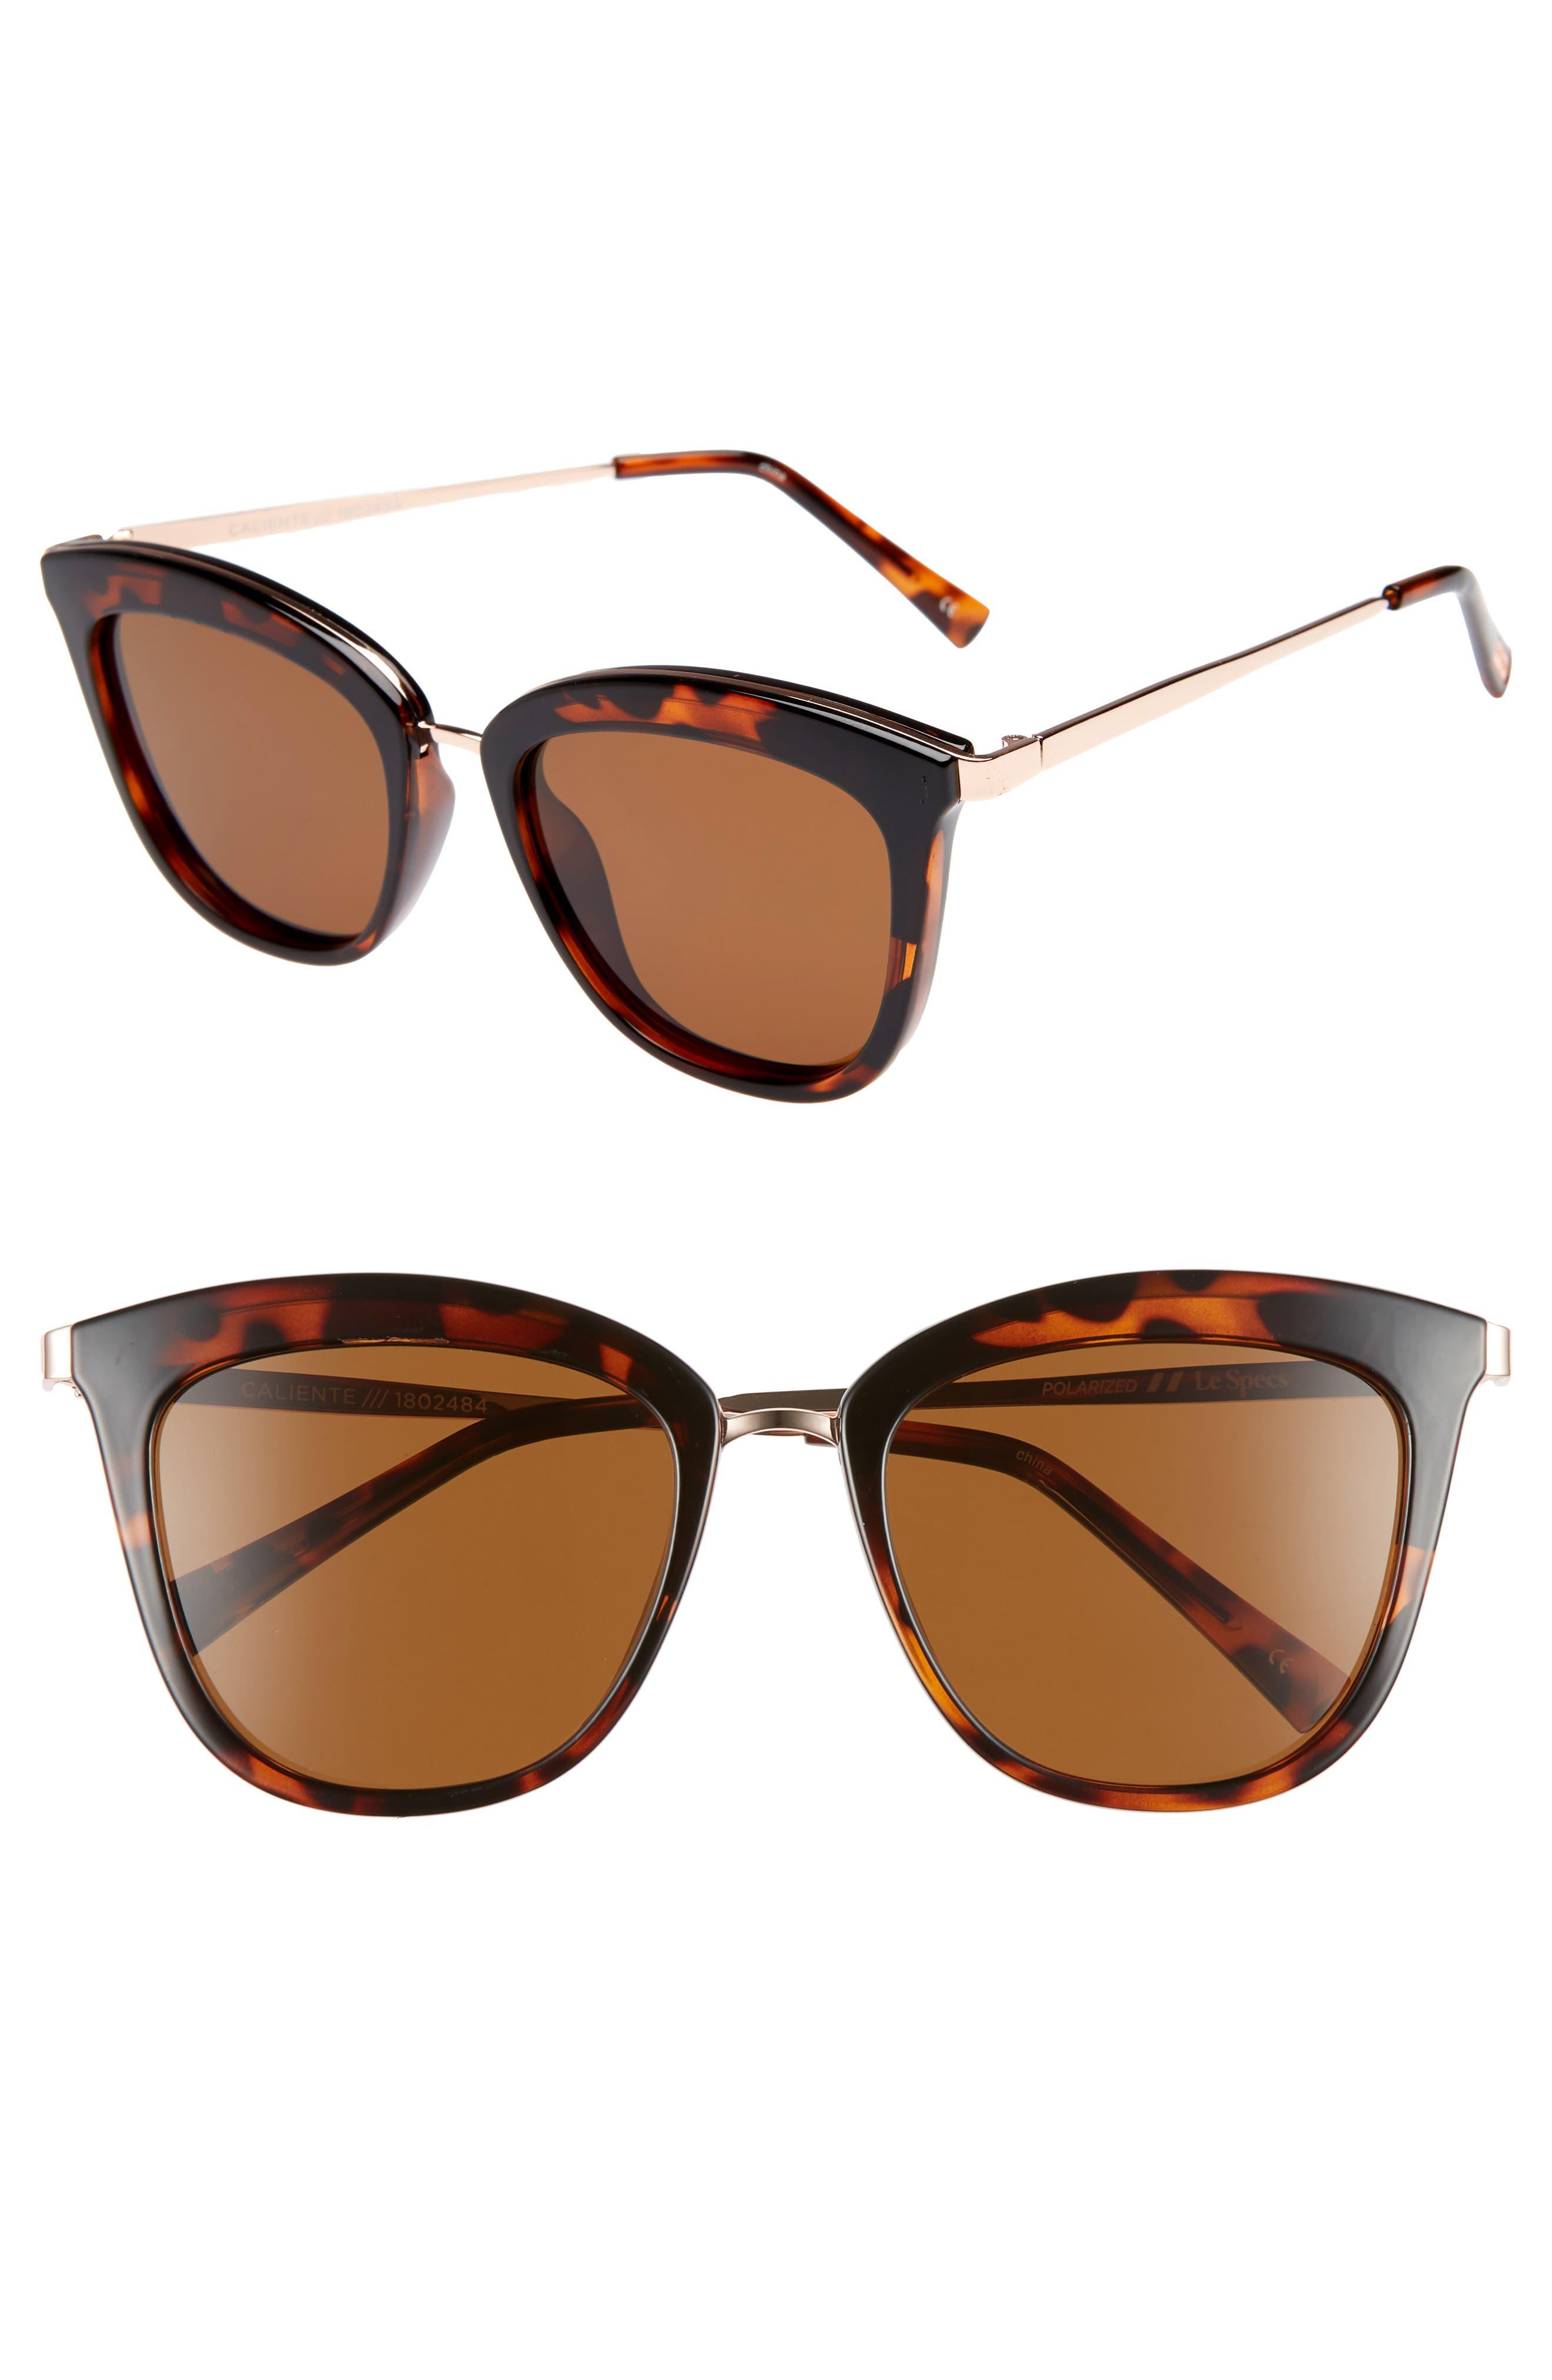 Caliente 53Mm Polarized Cat Eye Sunglasses - Tortoise / Rose Gold